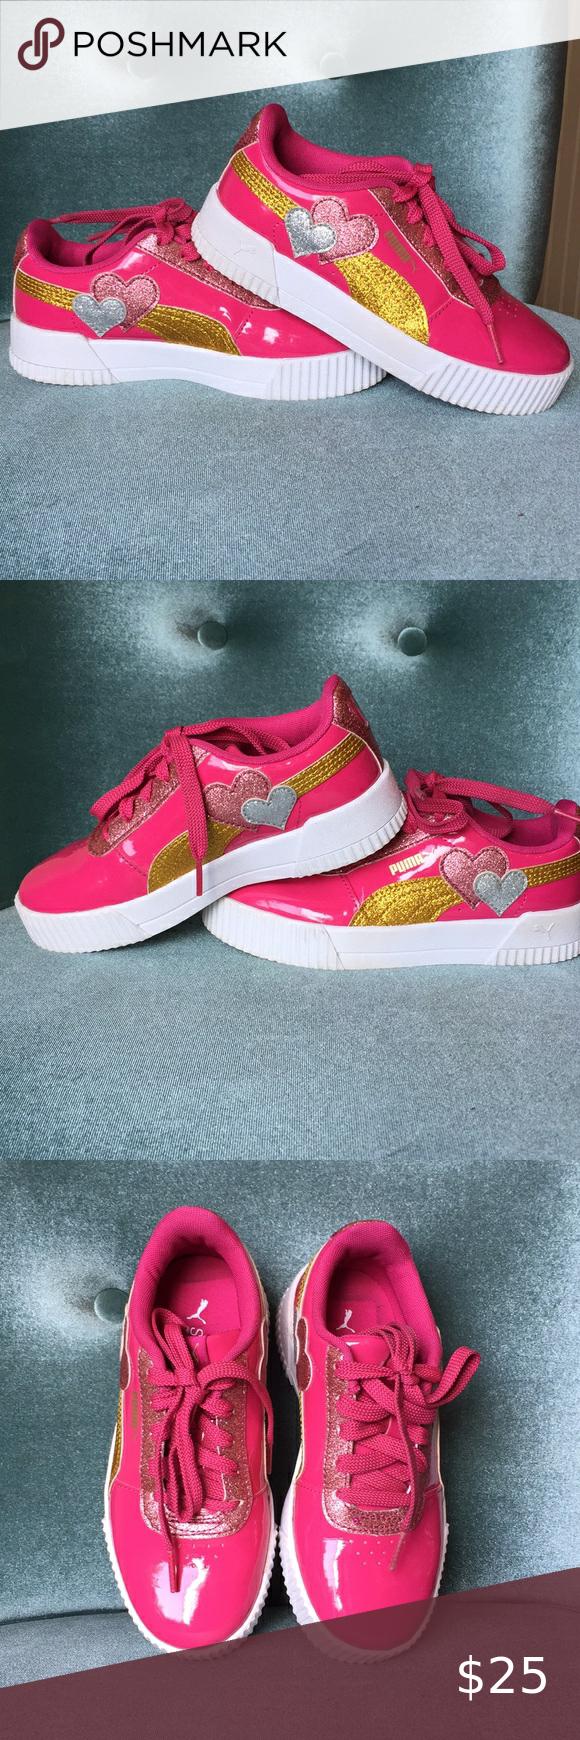 Pink puma sneakers, Sneakers, Pink pumas